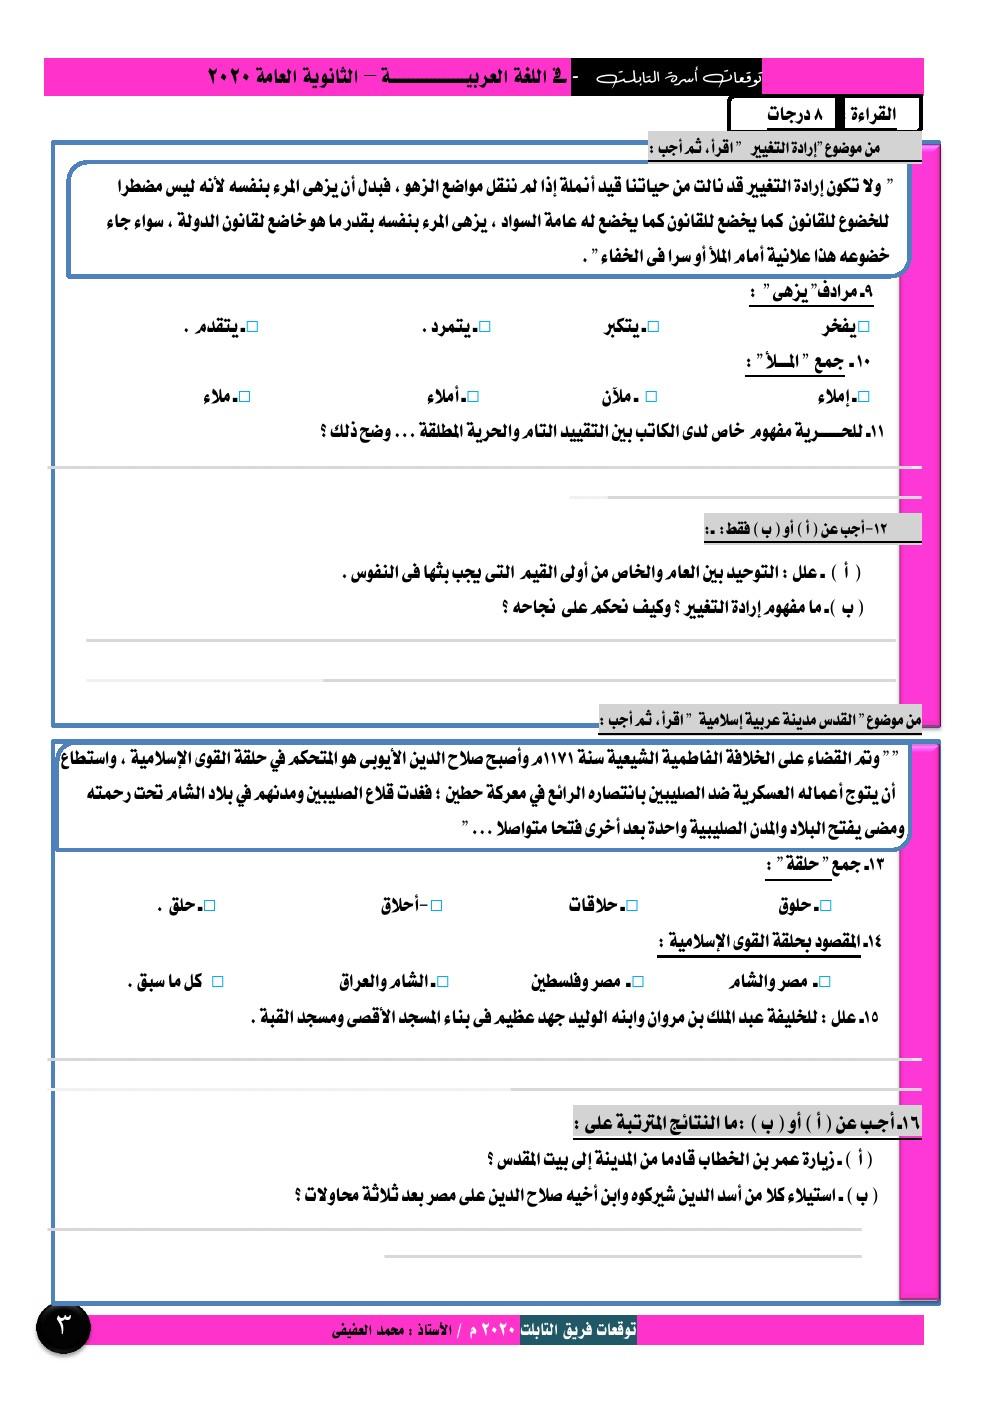 نماذج بوكليت لغة عربية متوقعة للصف الثالث الثانوى 2020 أ/ محمد العفيفي 3